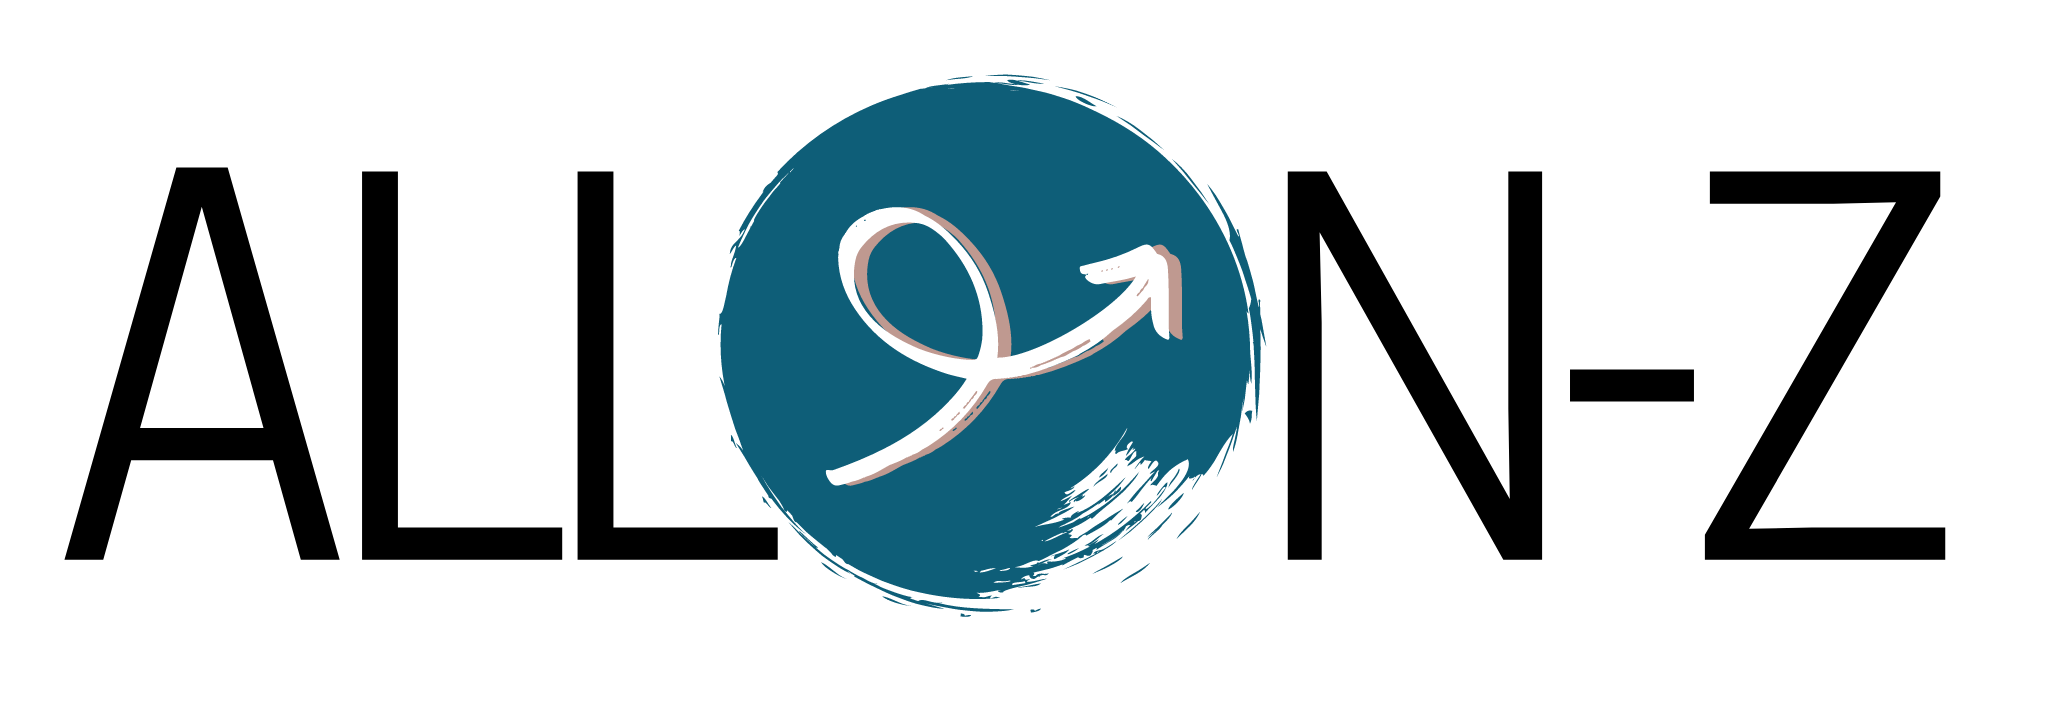 Allon-Z Academy